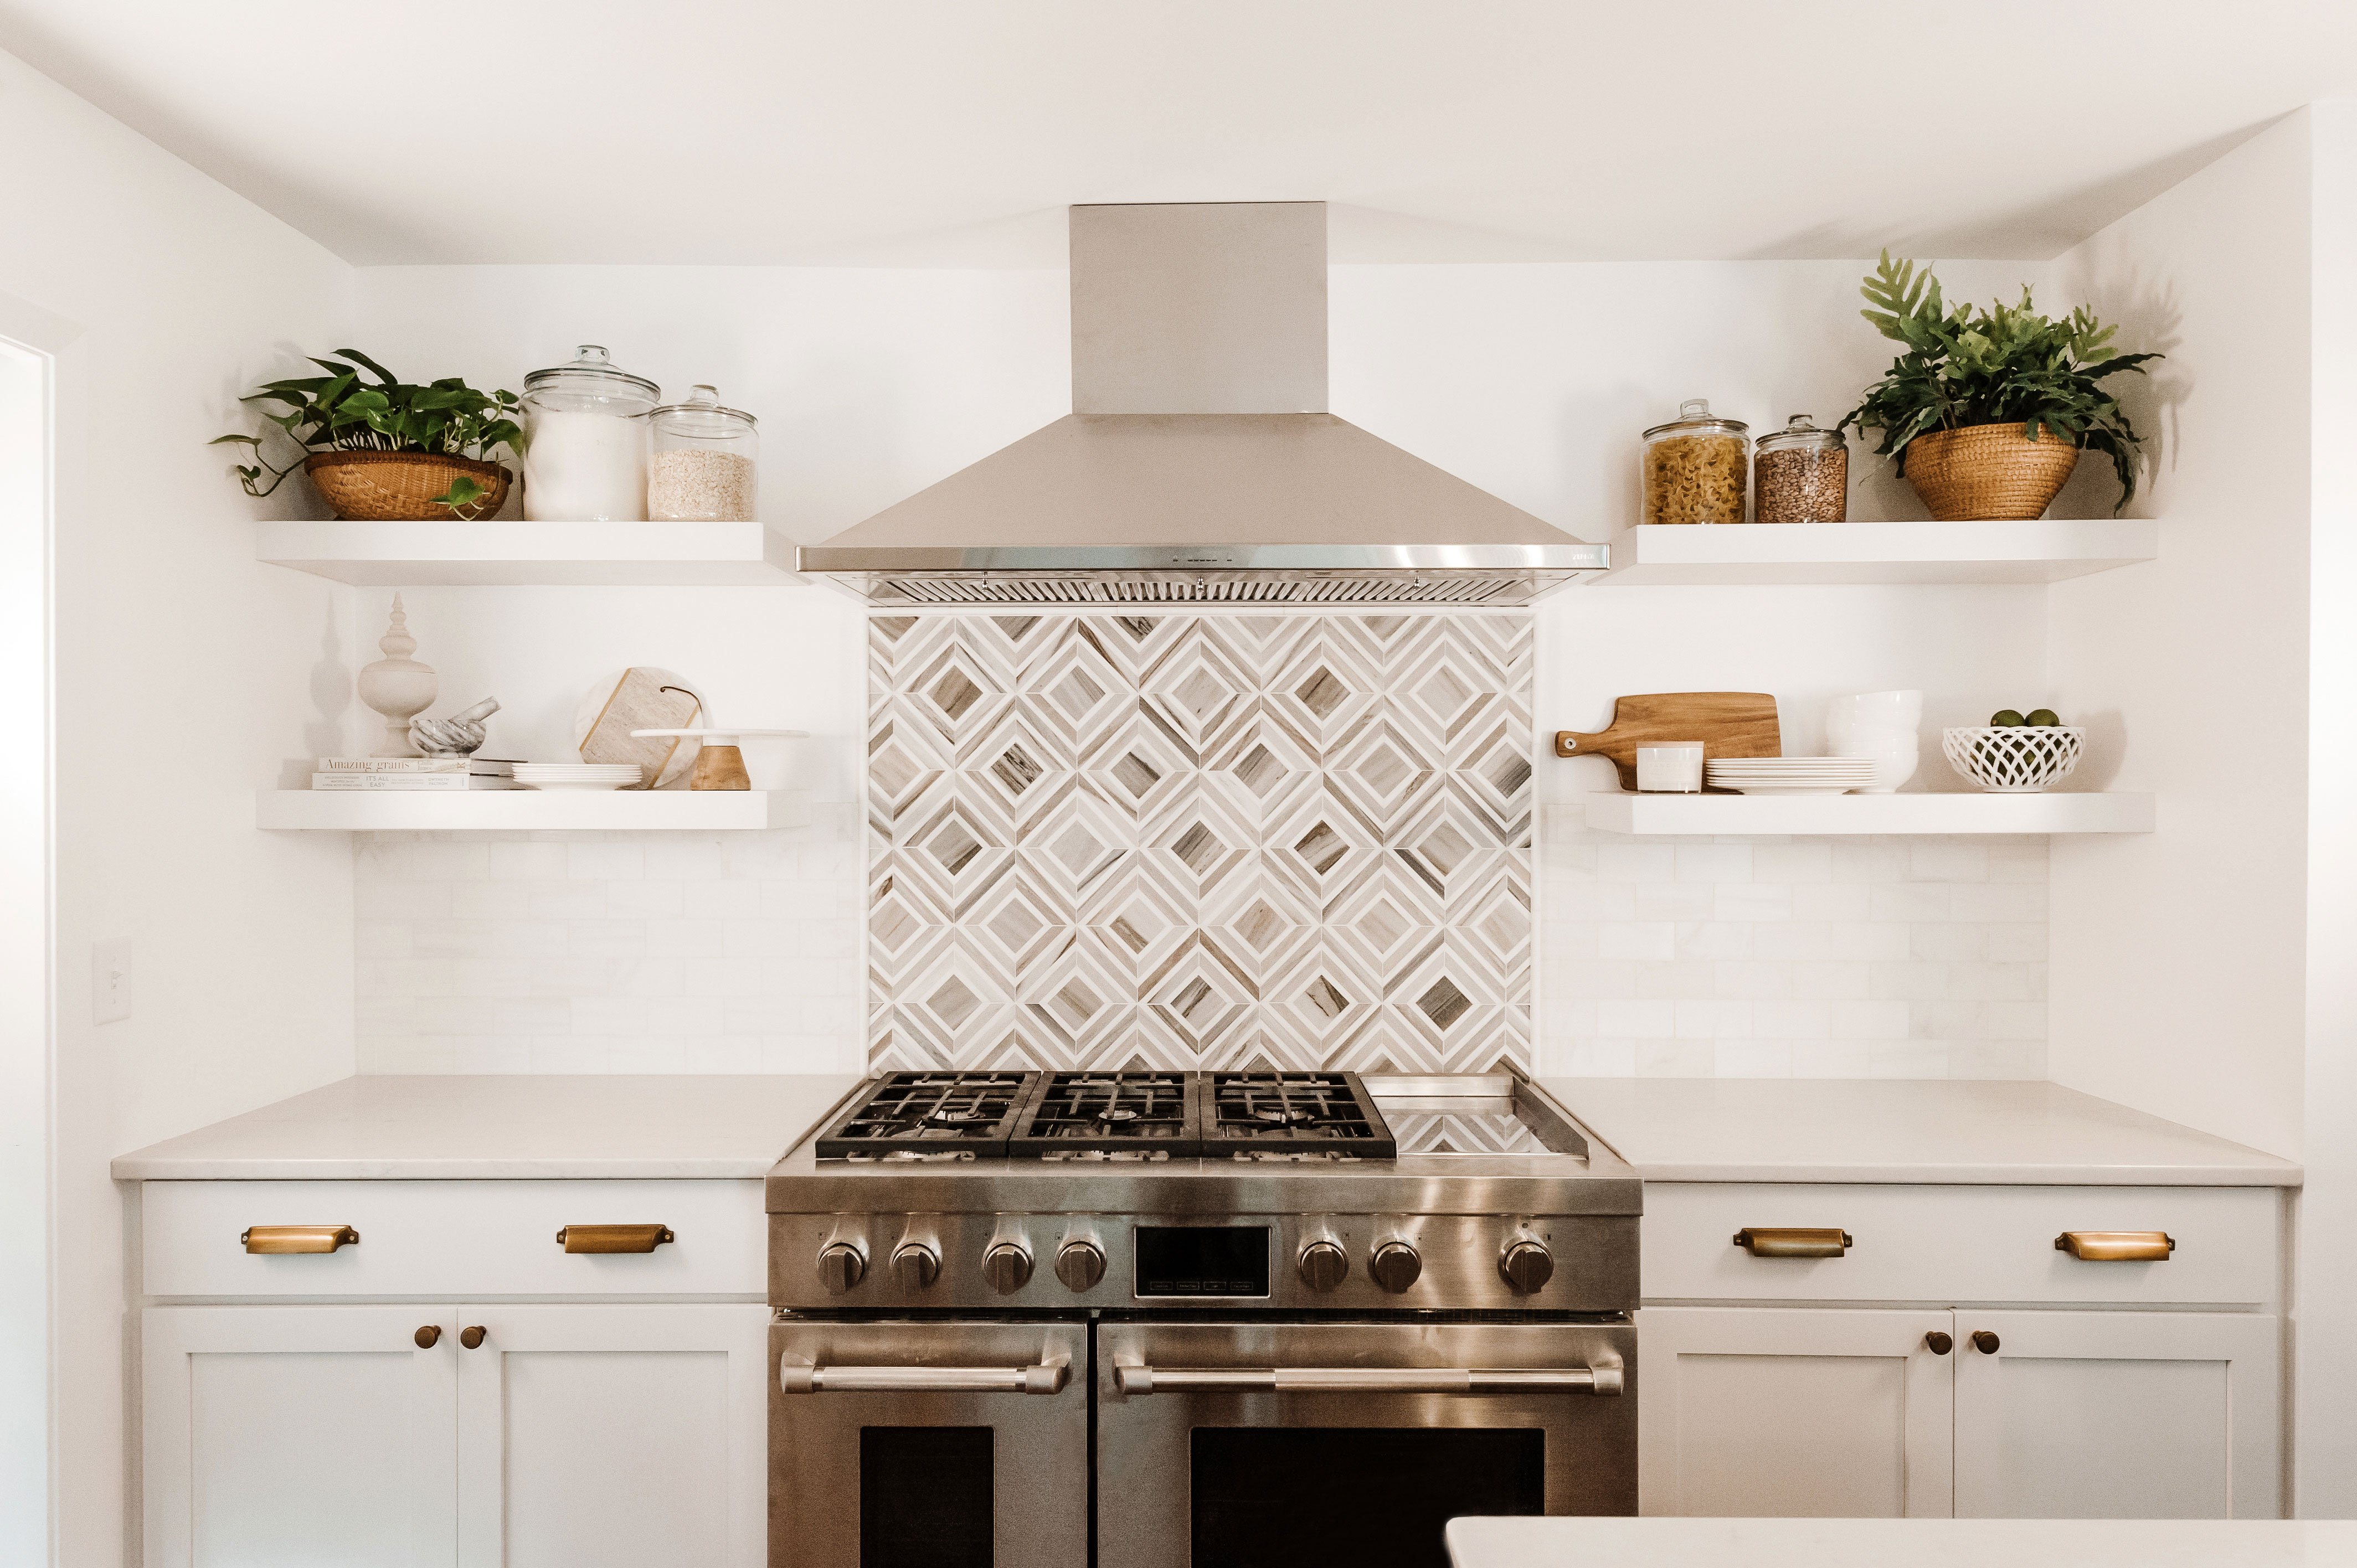 Designer Interview: An elegant yet understated kitchen with ...